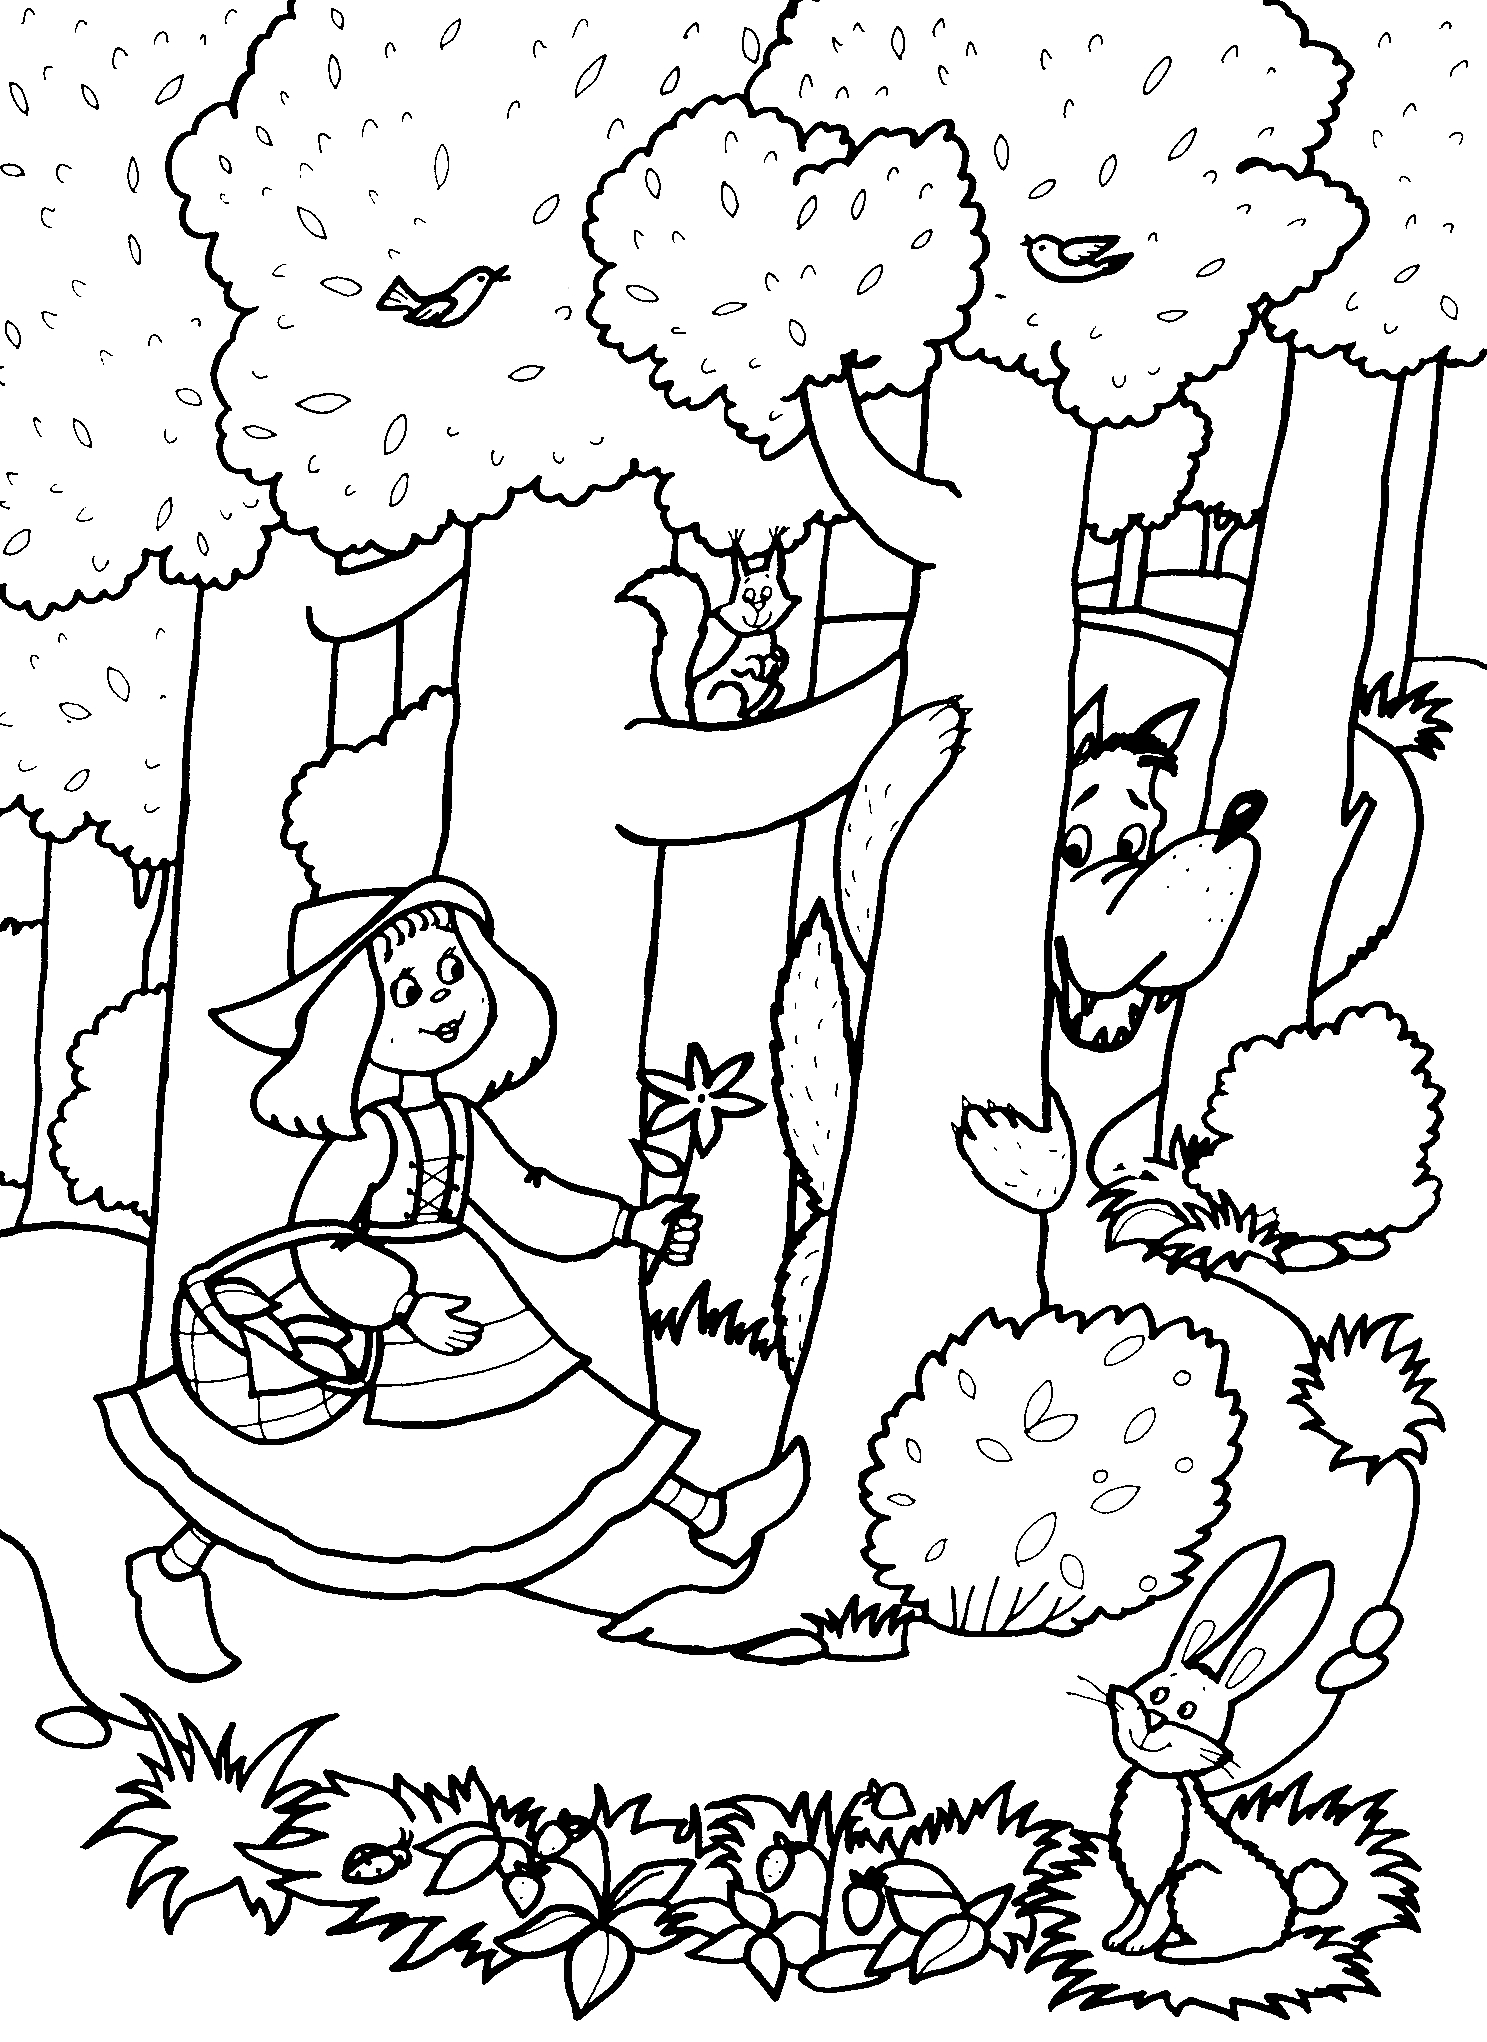 Рисунок лесная сказка карандашом